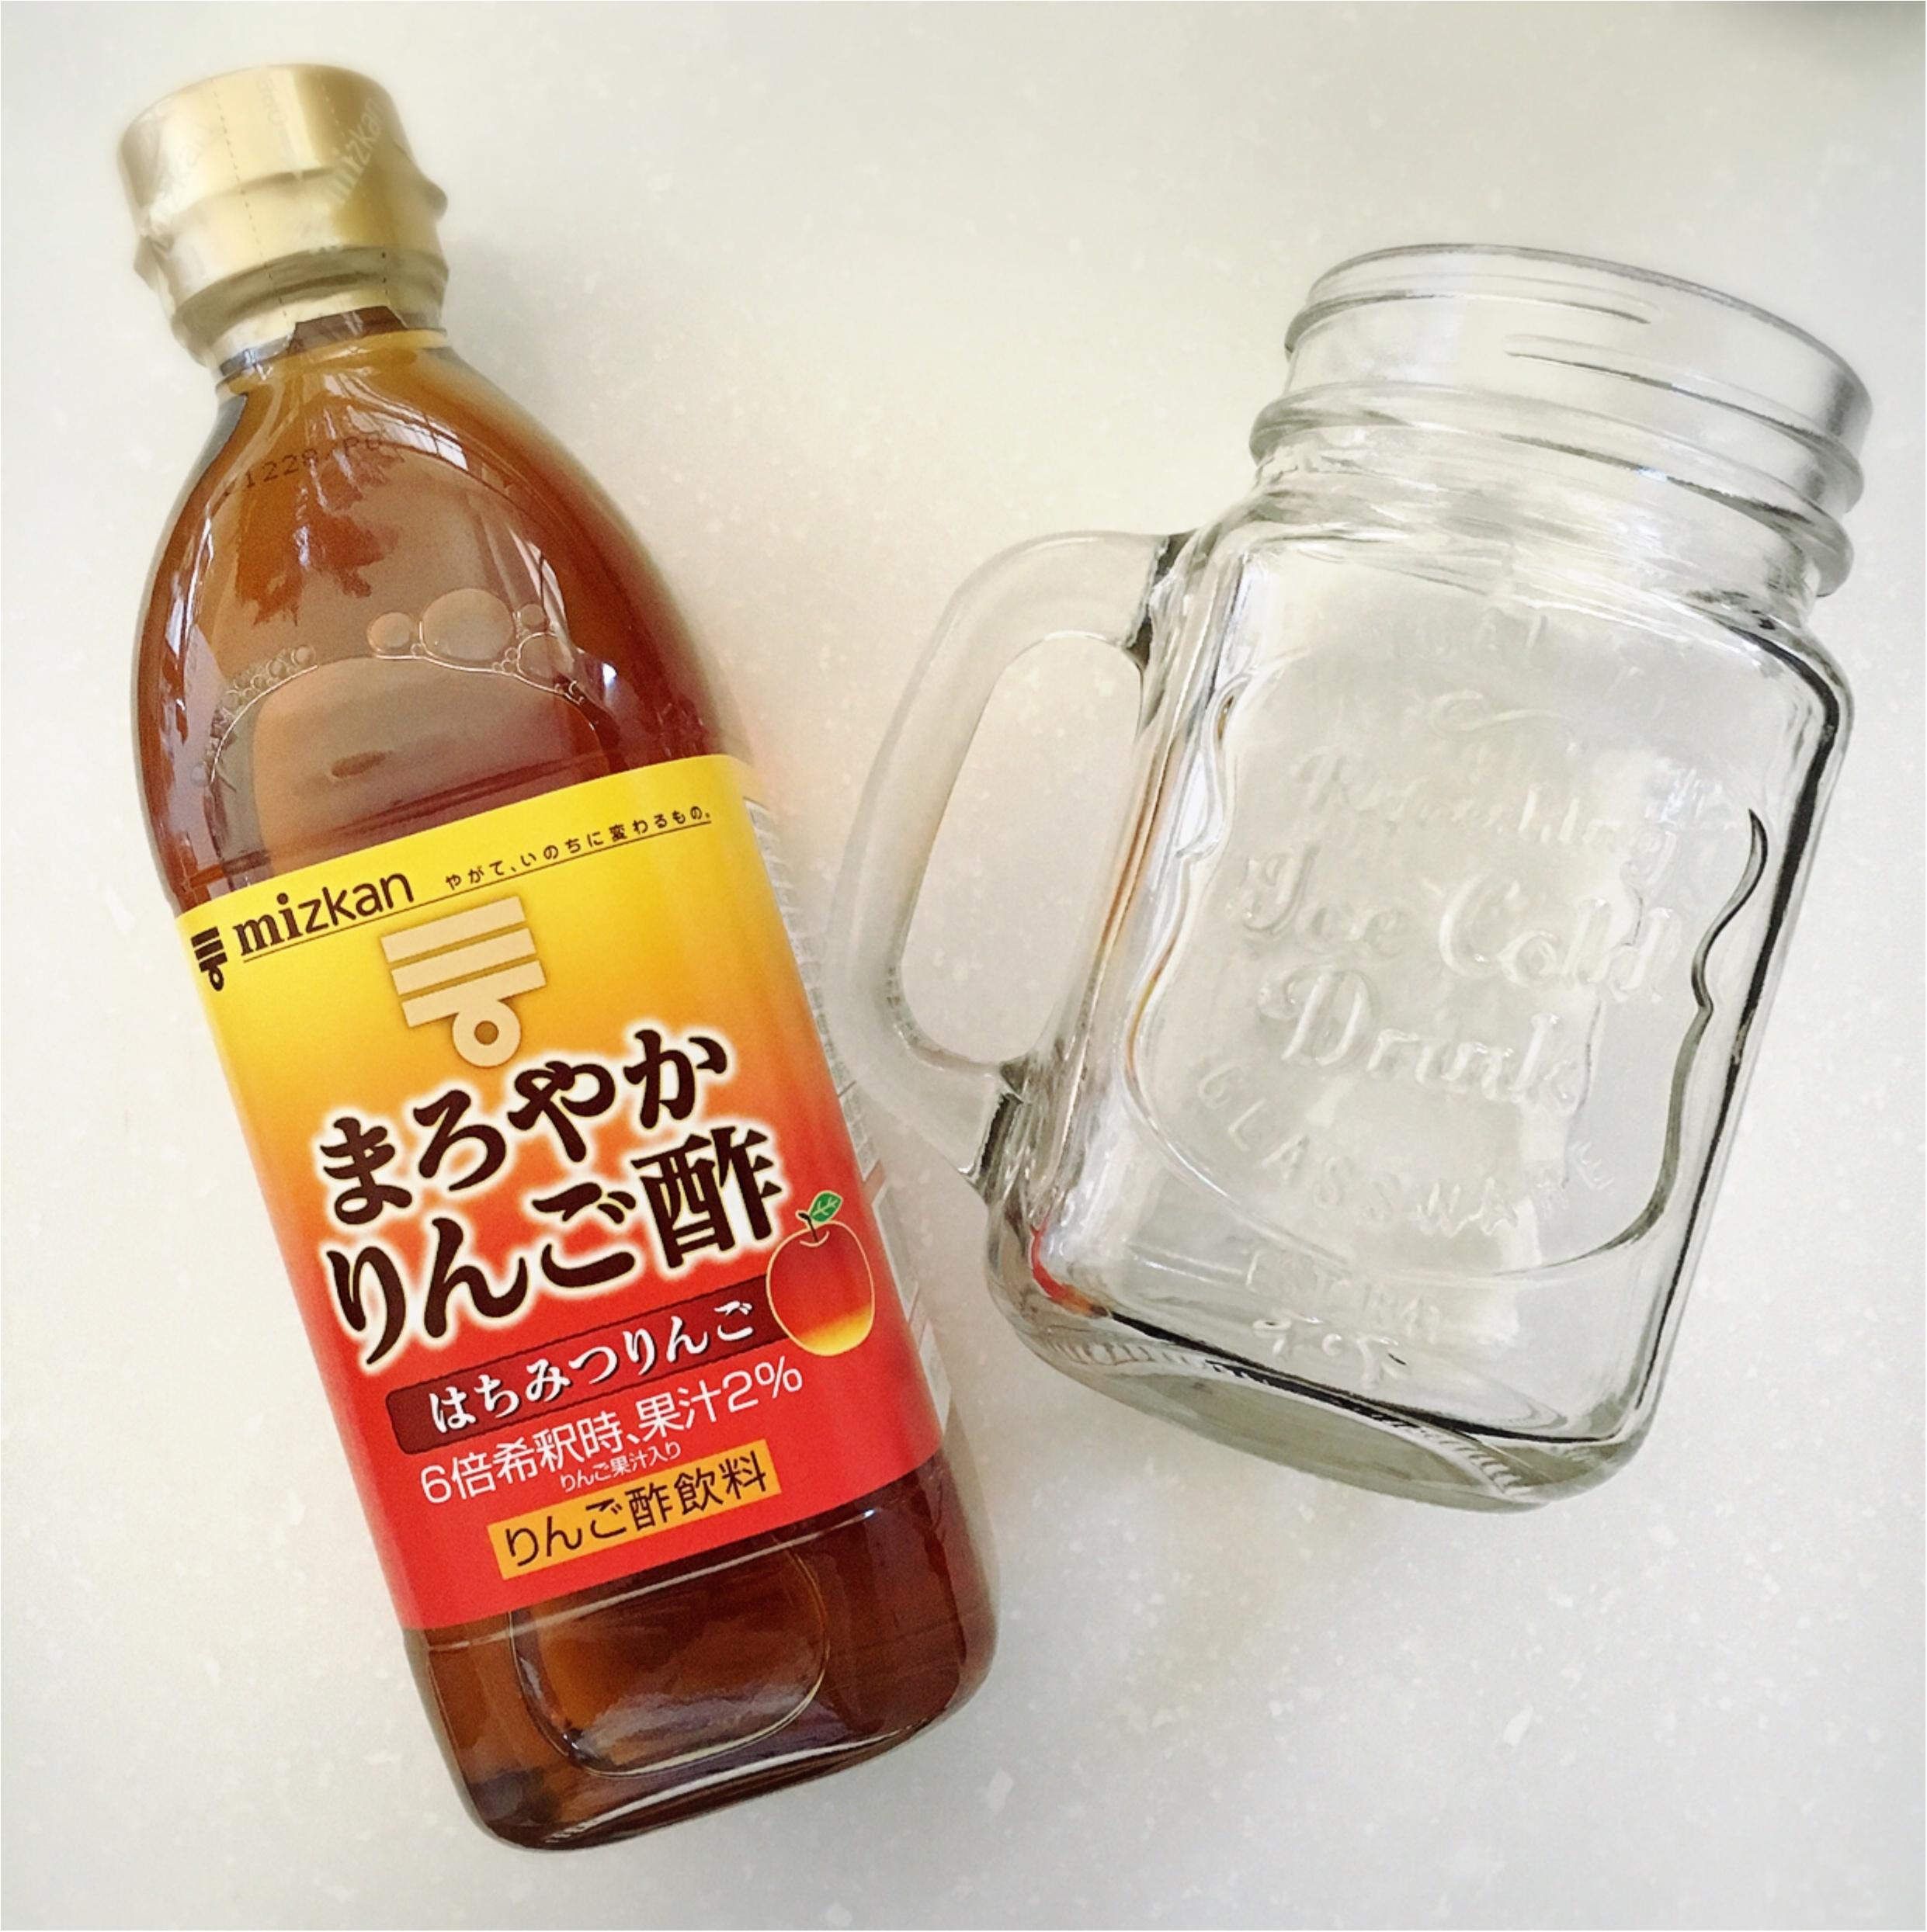 【Q♡cafe】毎日飲みたい!手作り《フルーツビネガー》なら美味しくキレイになれるかも❤️✨_2